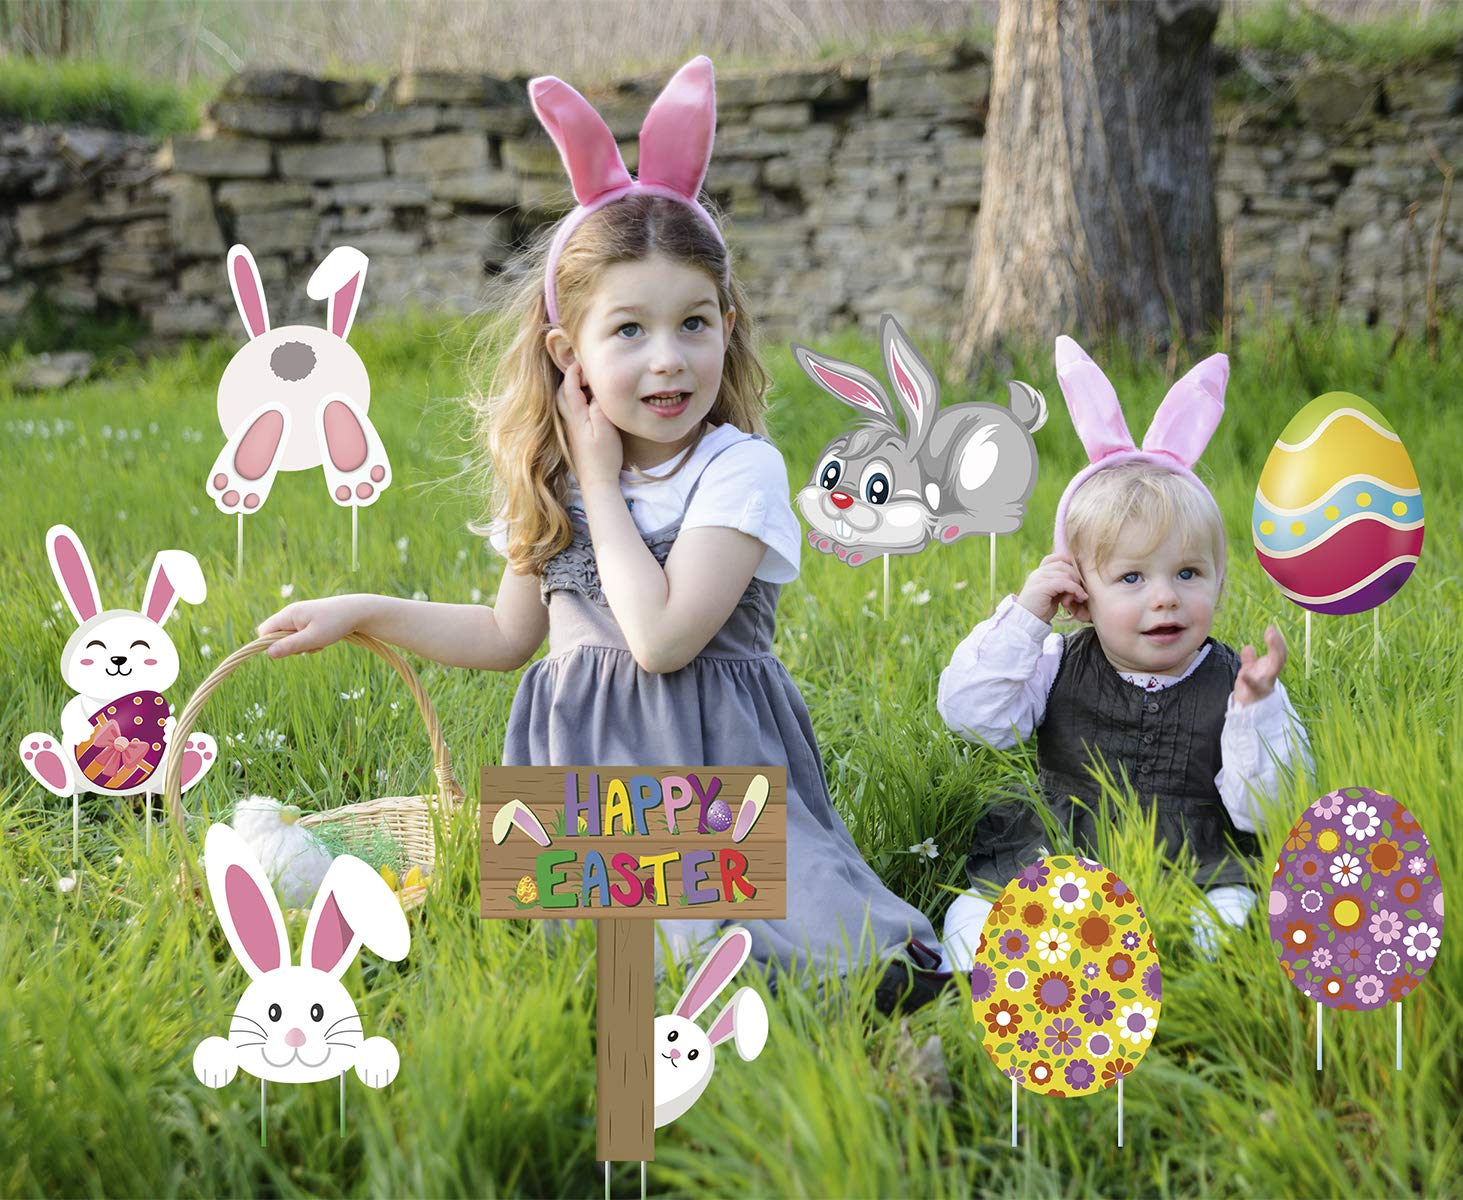 LUCKKYY 8 Piezas de letreros de Pascua para decoración de Conejo al Aire Libre, Huevos de estaca para jardín, decoración para Pascua, Juego de césped, Suministros para Fiestas de Pascua: Amazon.es: Jardín